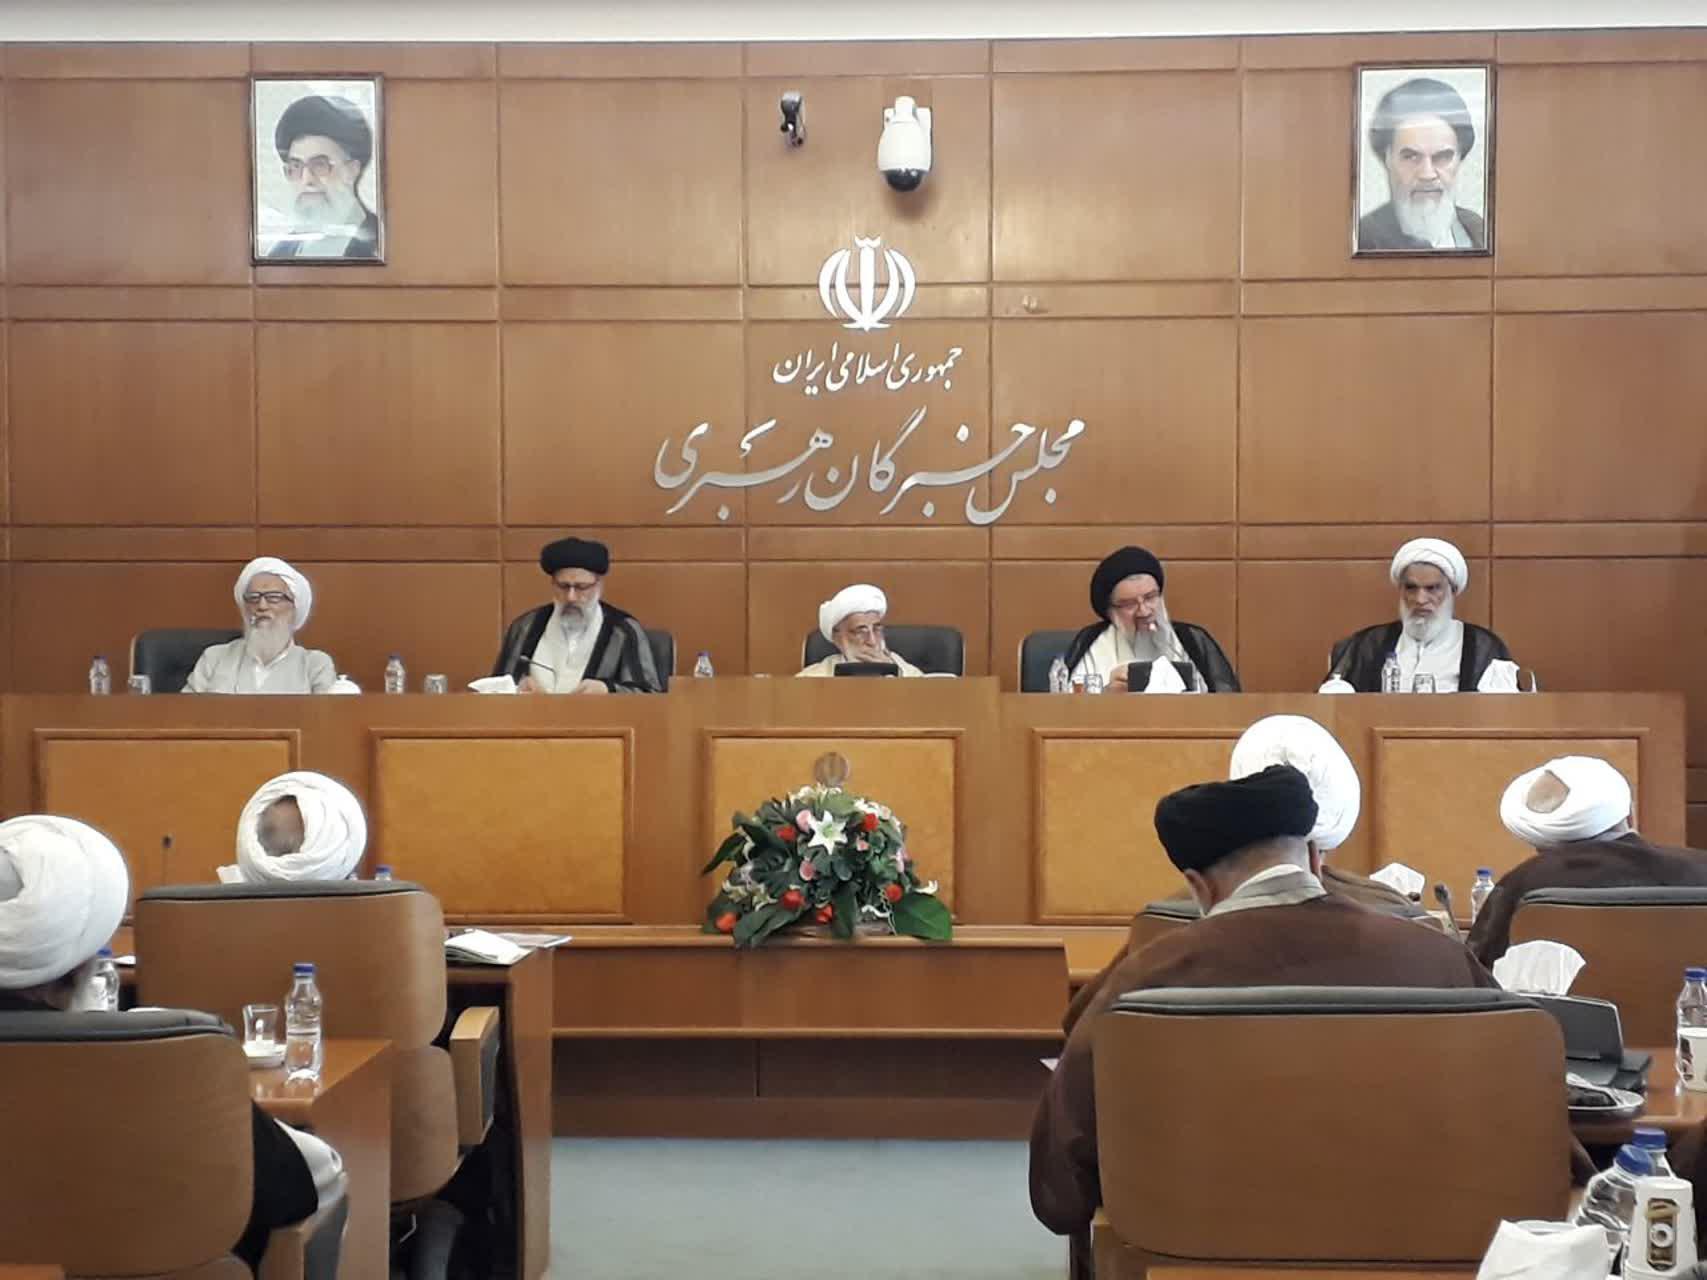 جلسه هیئت رئیسه و کمیسیون های مجلس خبرگان رهبری